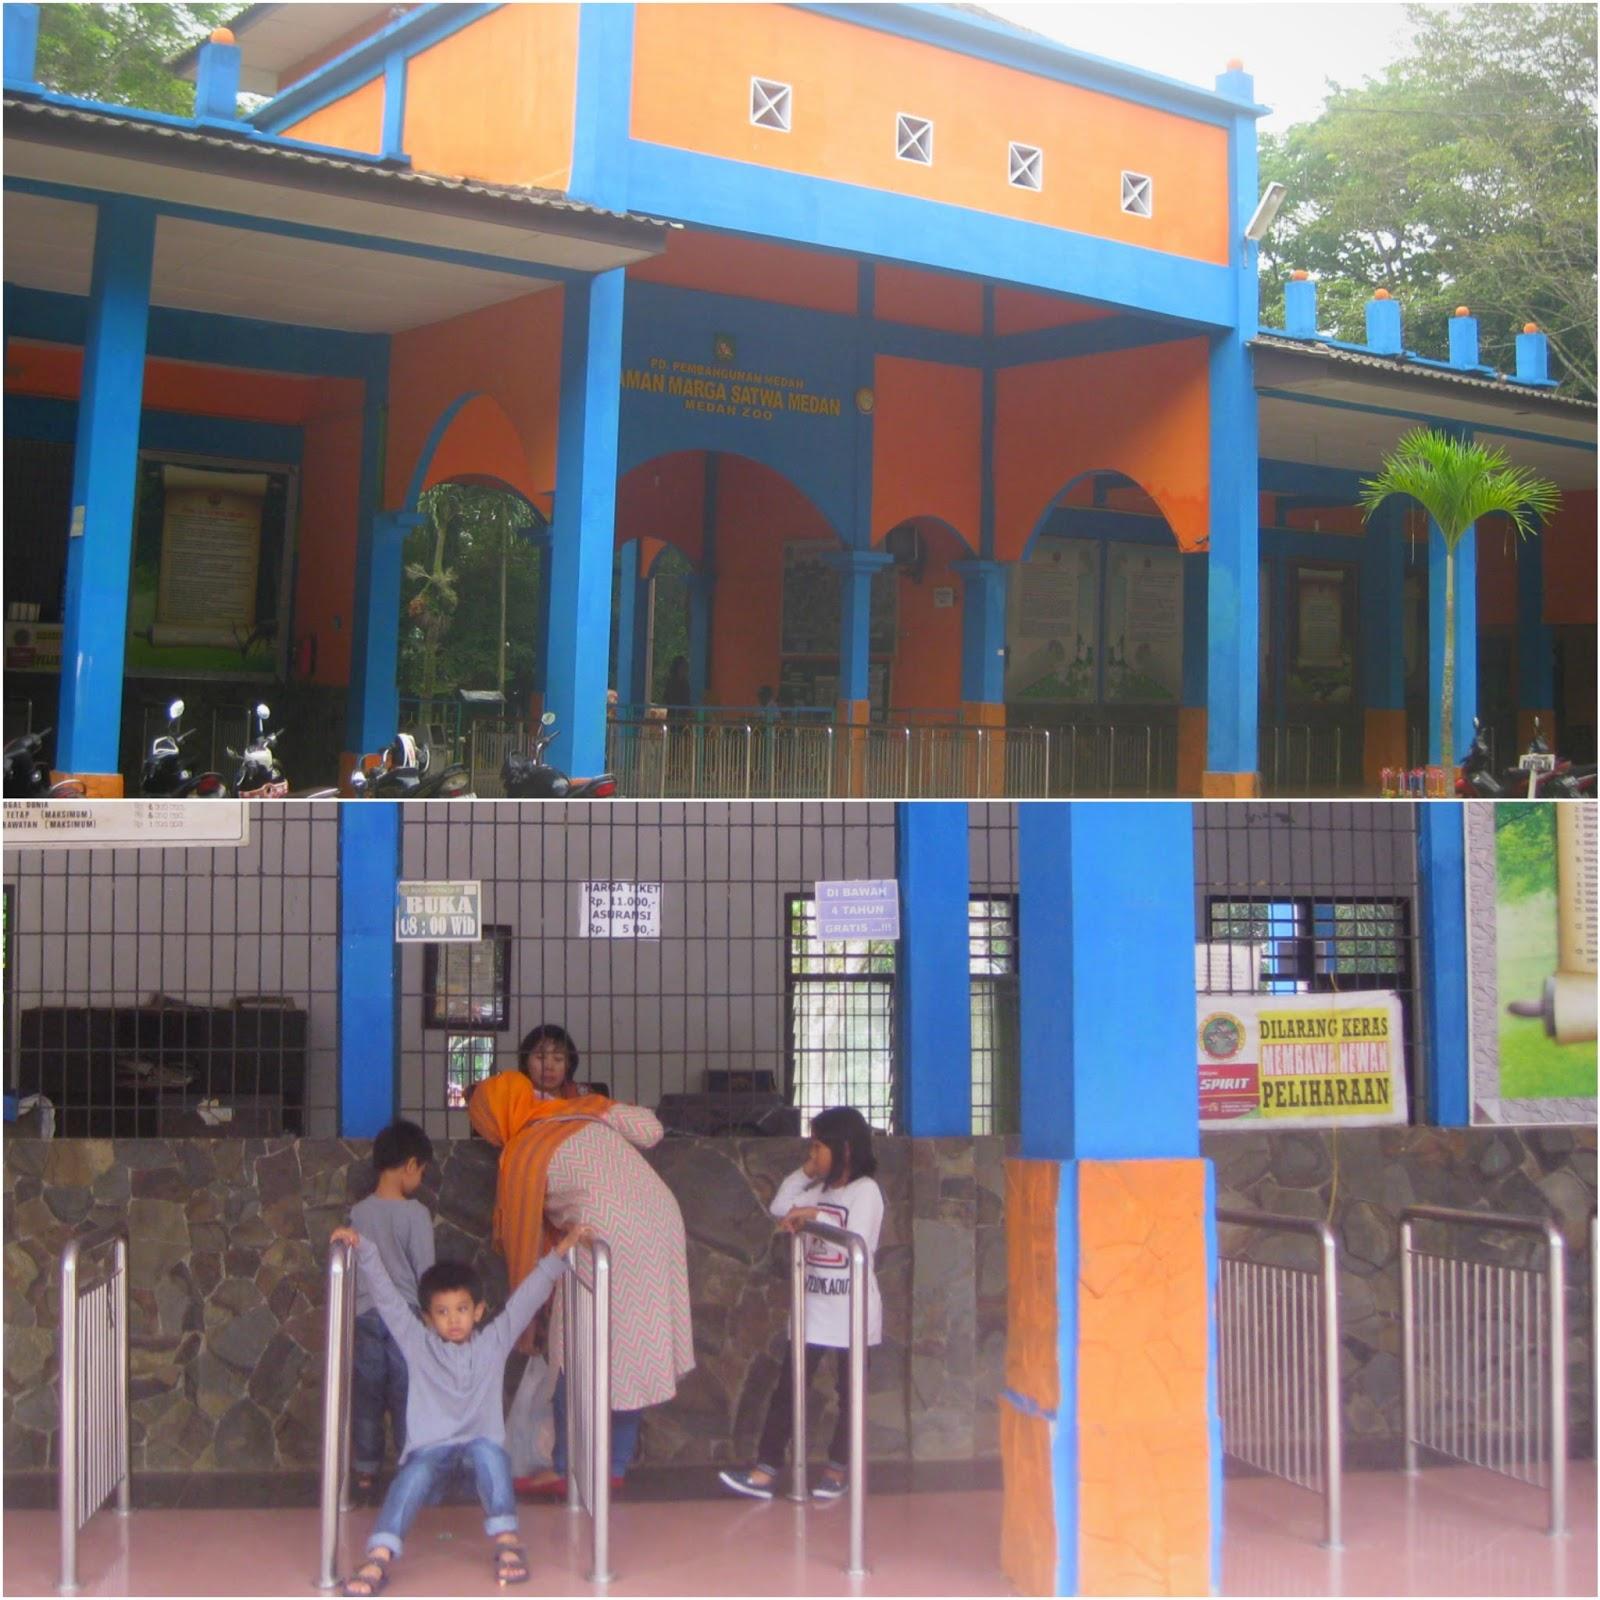 Loket pembayaran untuk bisa masuk ke kebun binatang di Medan